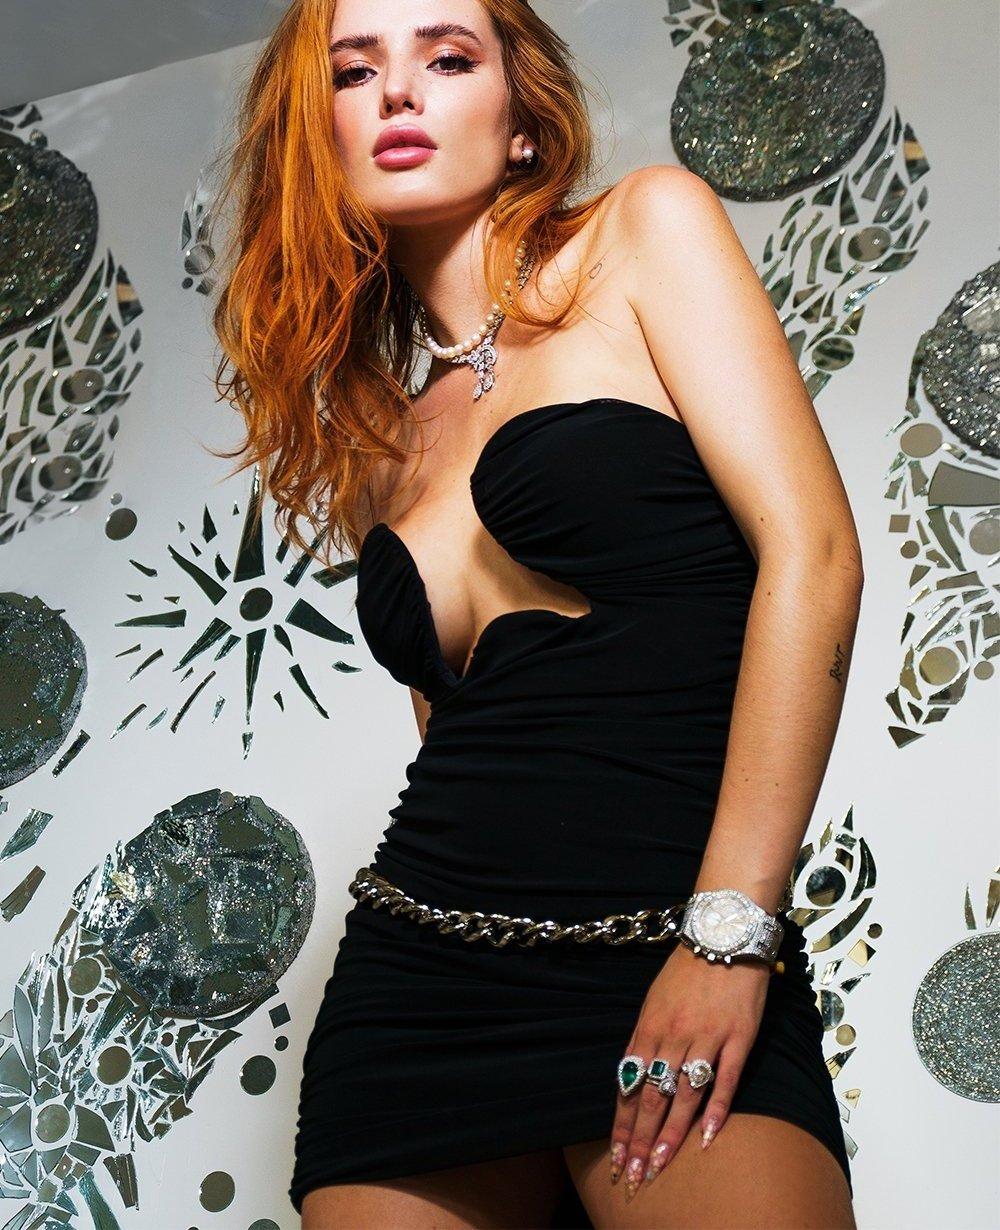 Bella Thorne Bellathorne Onlyfans Sexy Leaks 0004